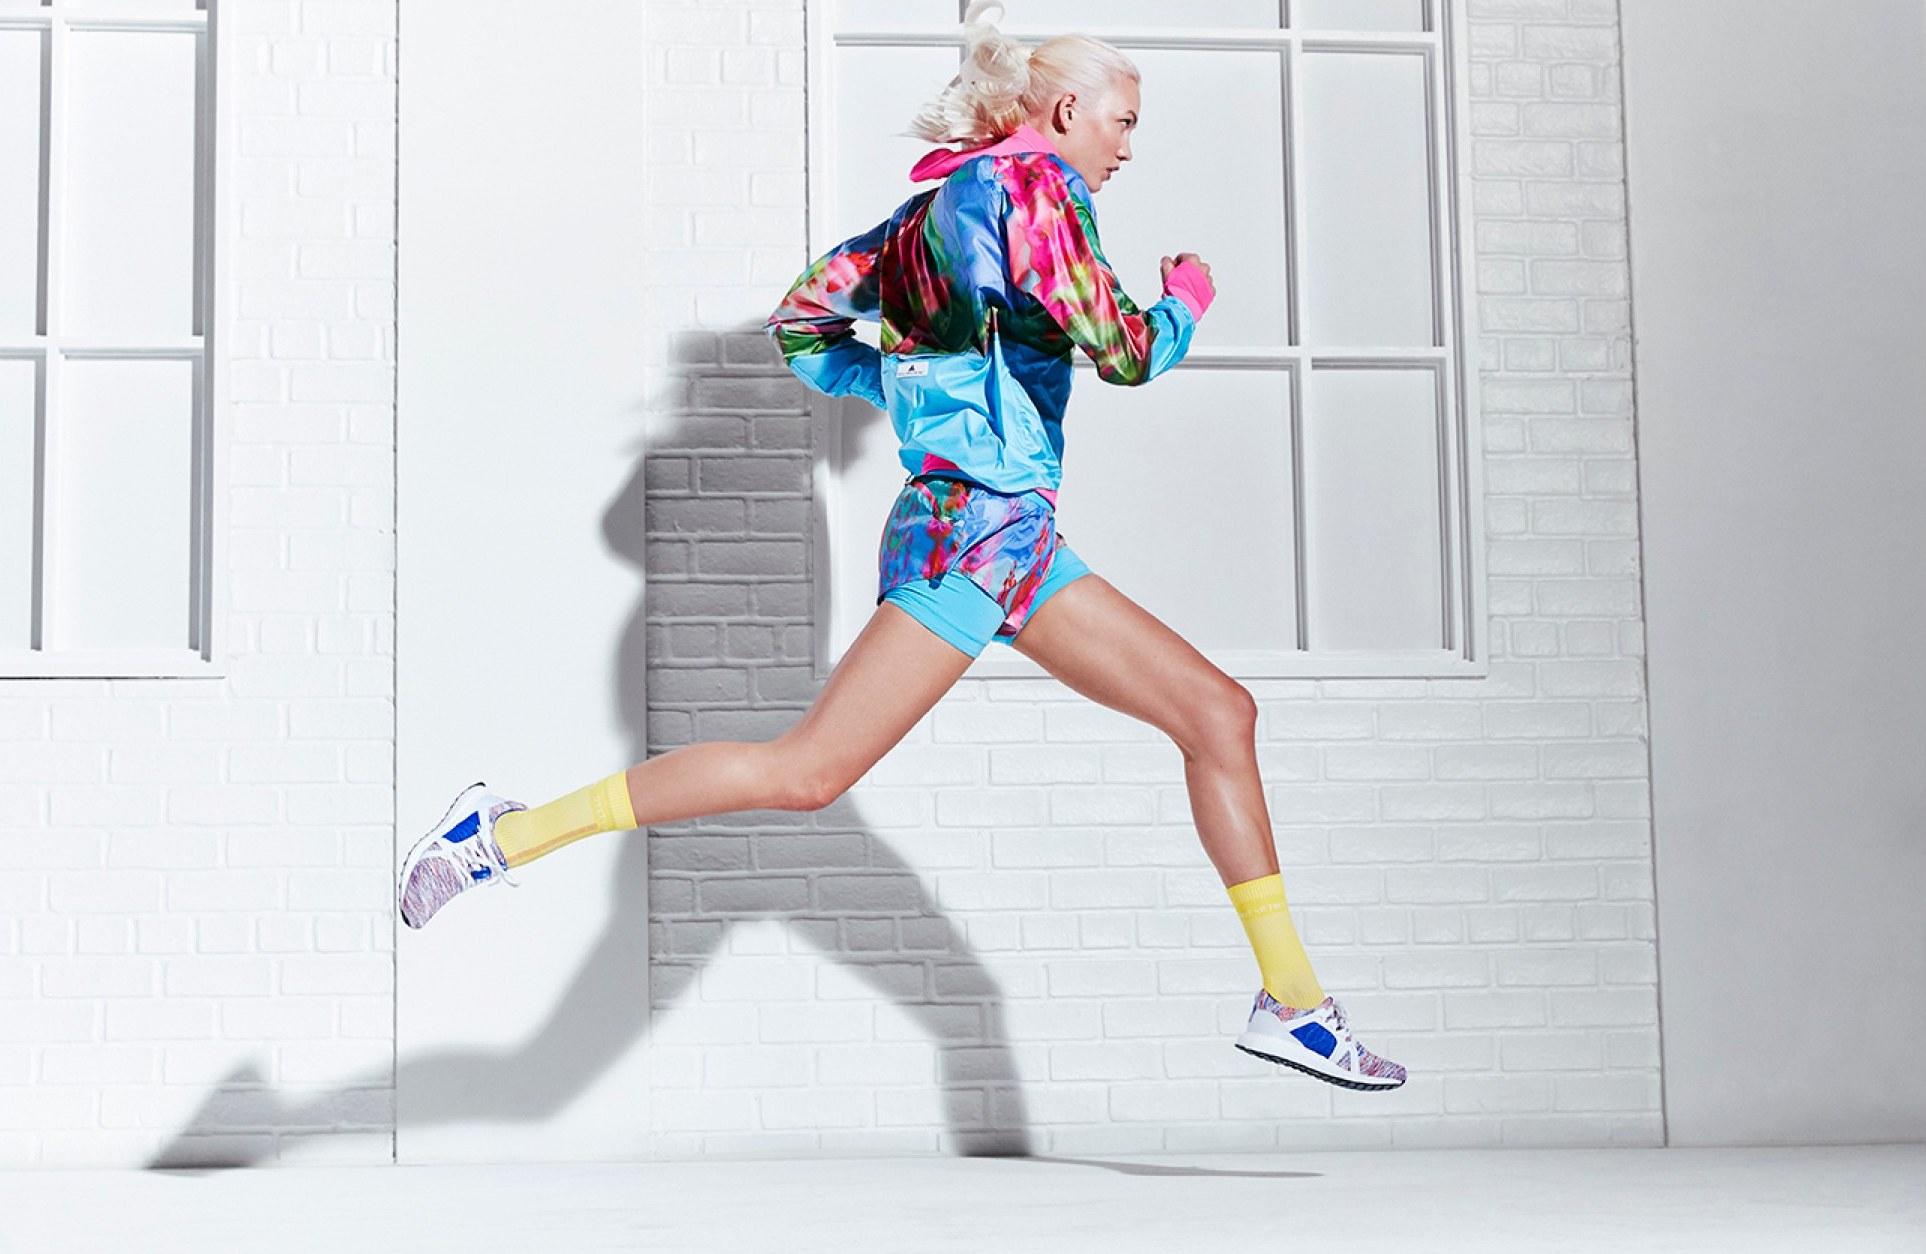 09-Adidas-by-Stella-McCartney-Spring-2018 copy.jpg